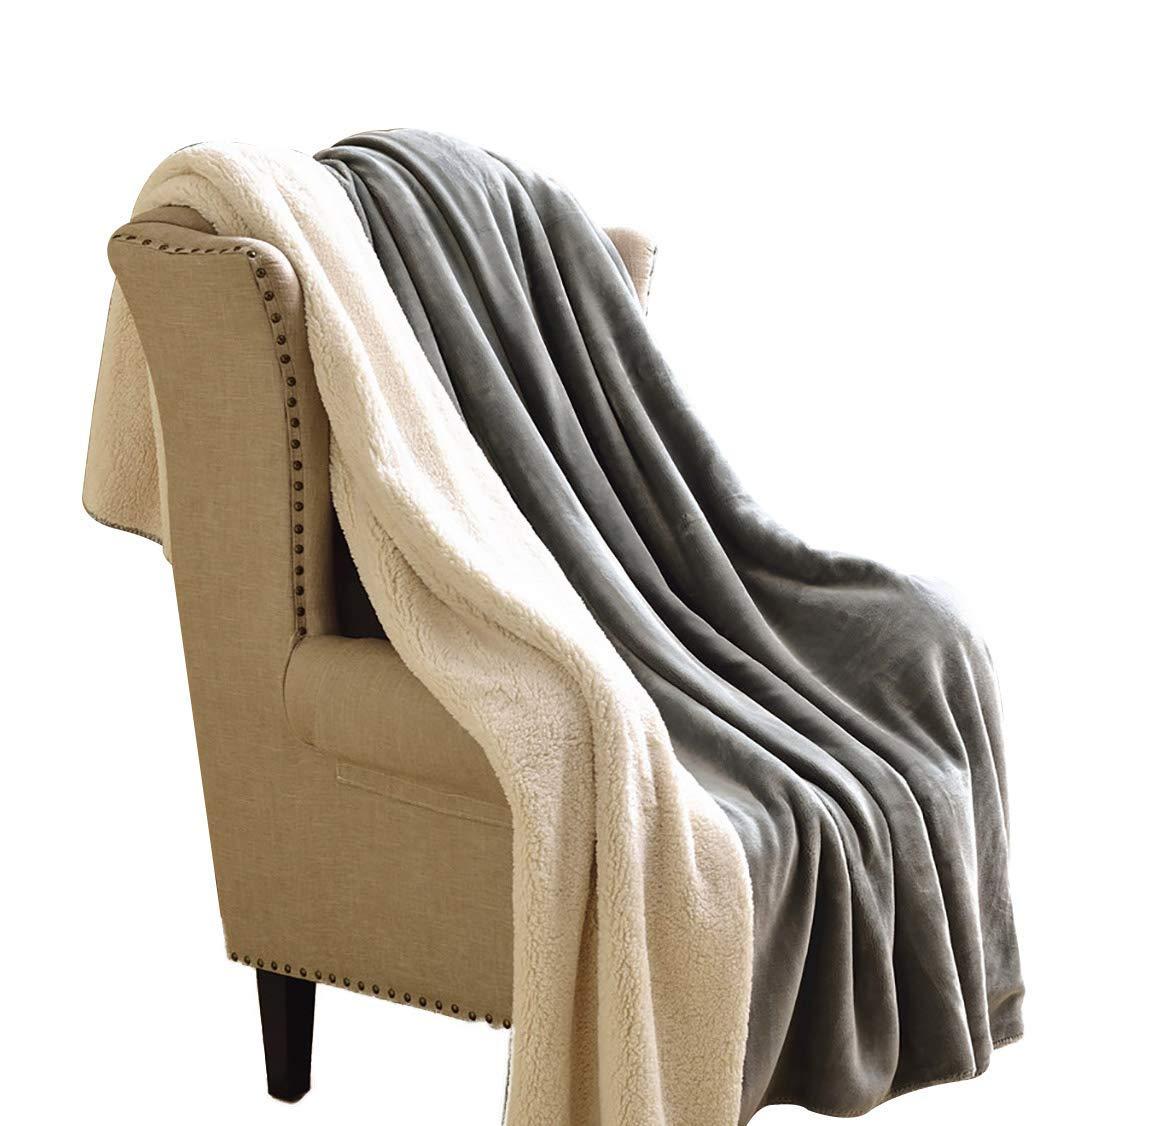 フェイクファー毛布フェイクファー、二重厚く暖かいウール毛布冬毛布コーラルブランケットキルトシングルダブル毛布(色:A、サイズ:200× 230 cm) B07QLKGKW8